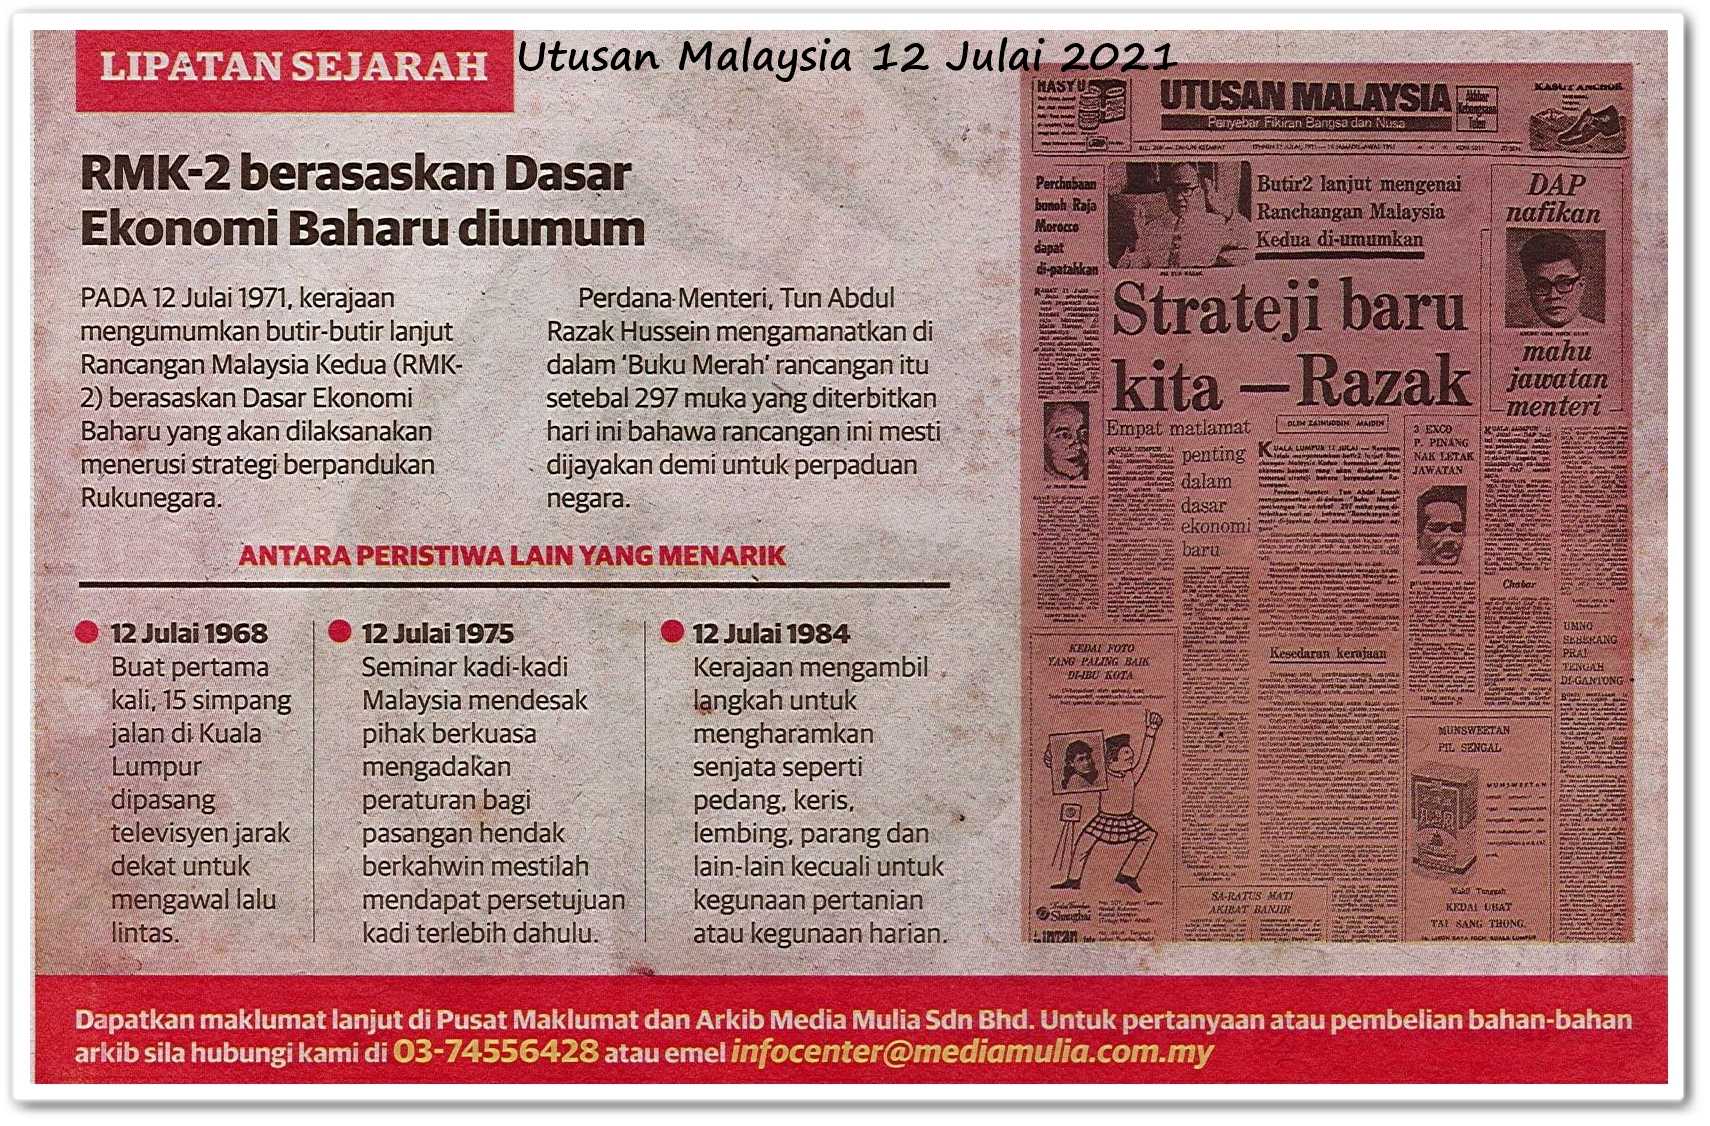 Lipatan sejarah 12 Julai - Keratan akhbar Utusan Malaysia 12 Julai 2021